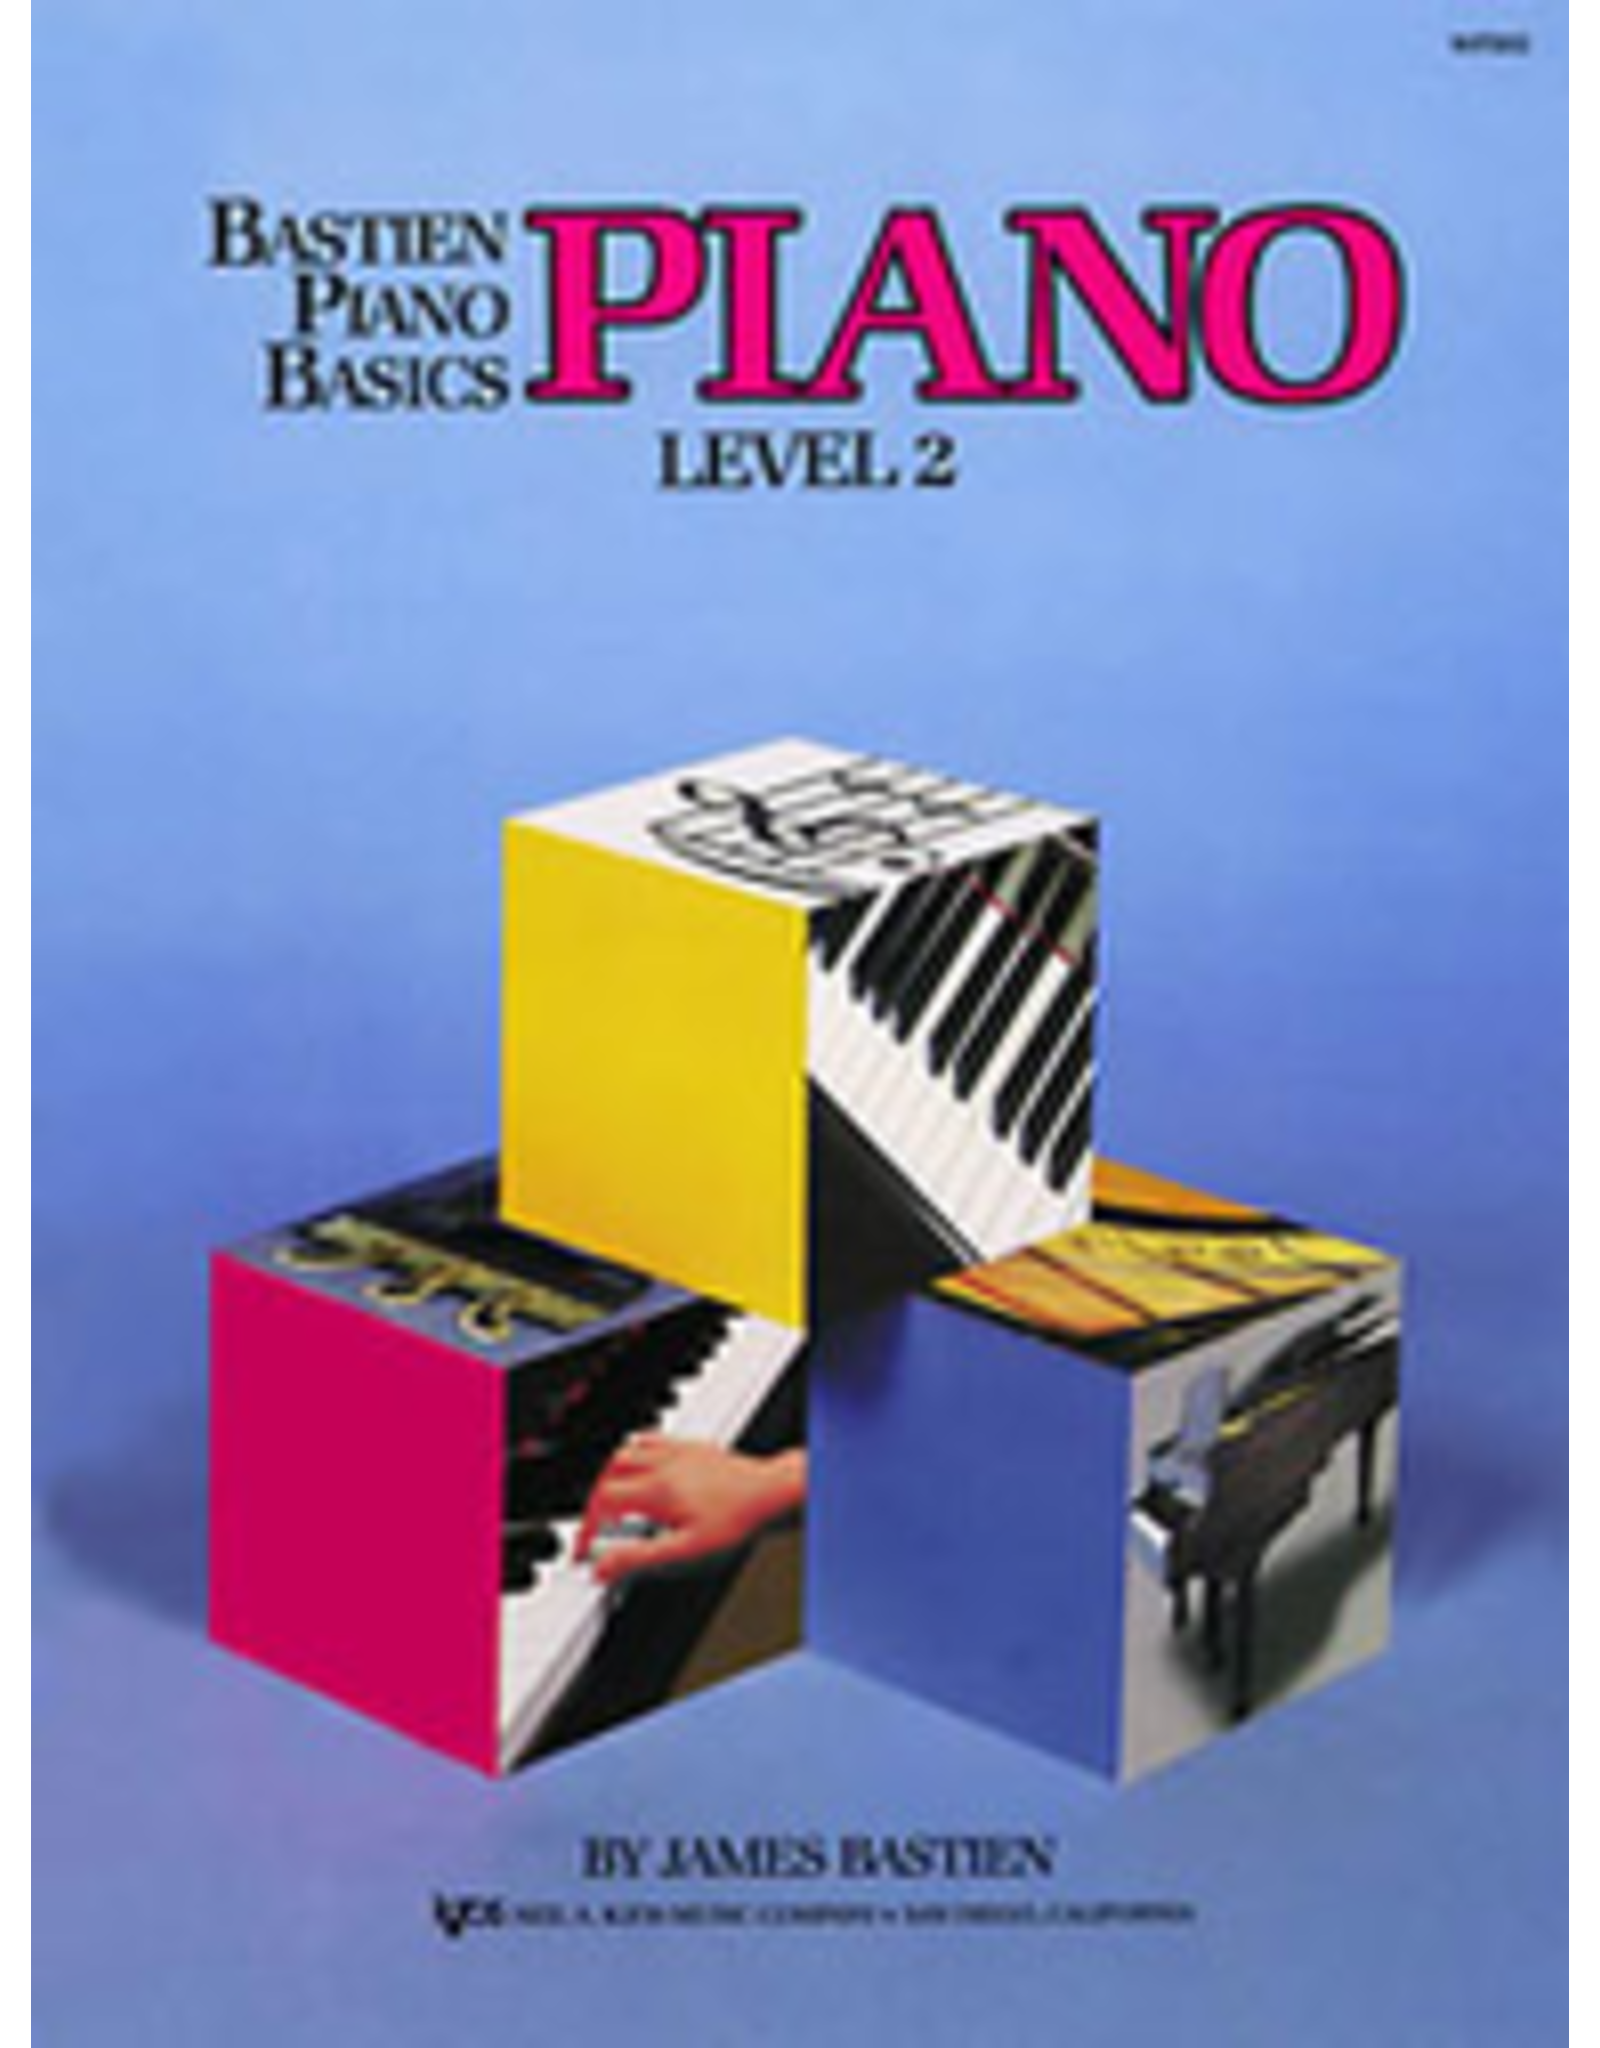 Kjos Bastien Piano Basics Piano Level 2